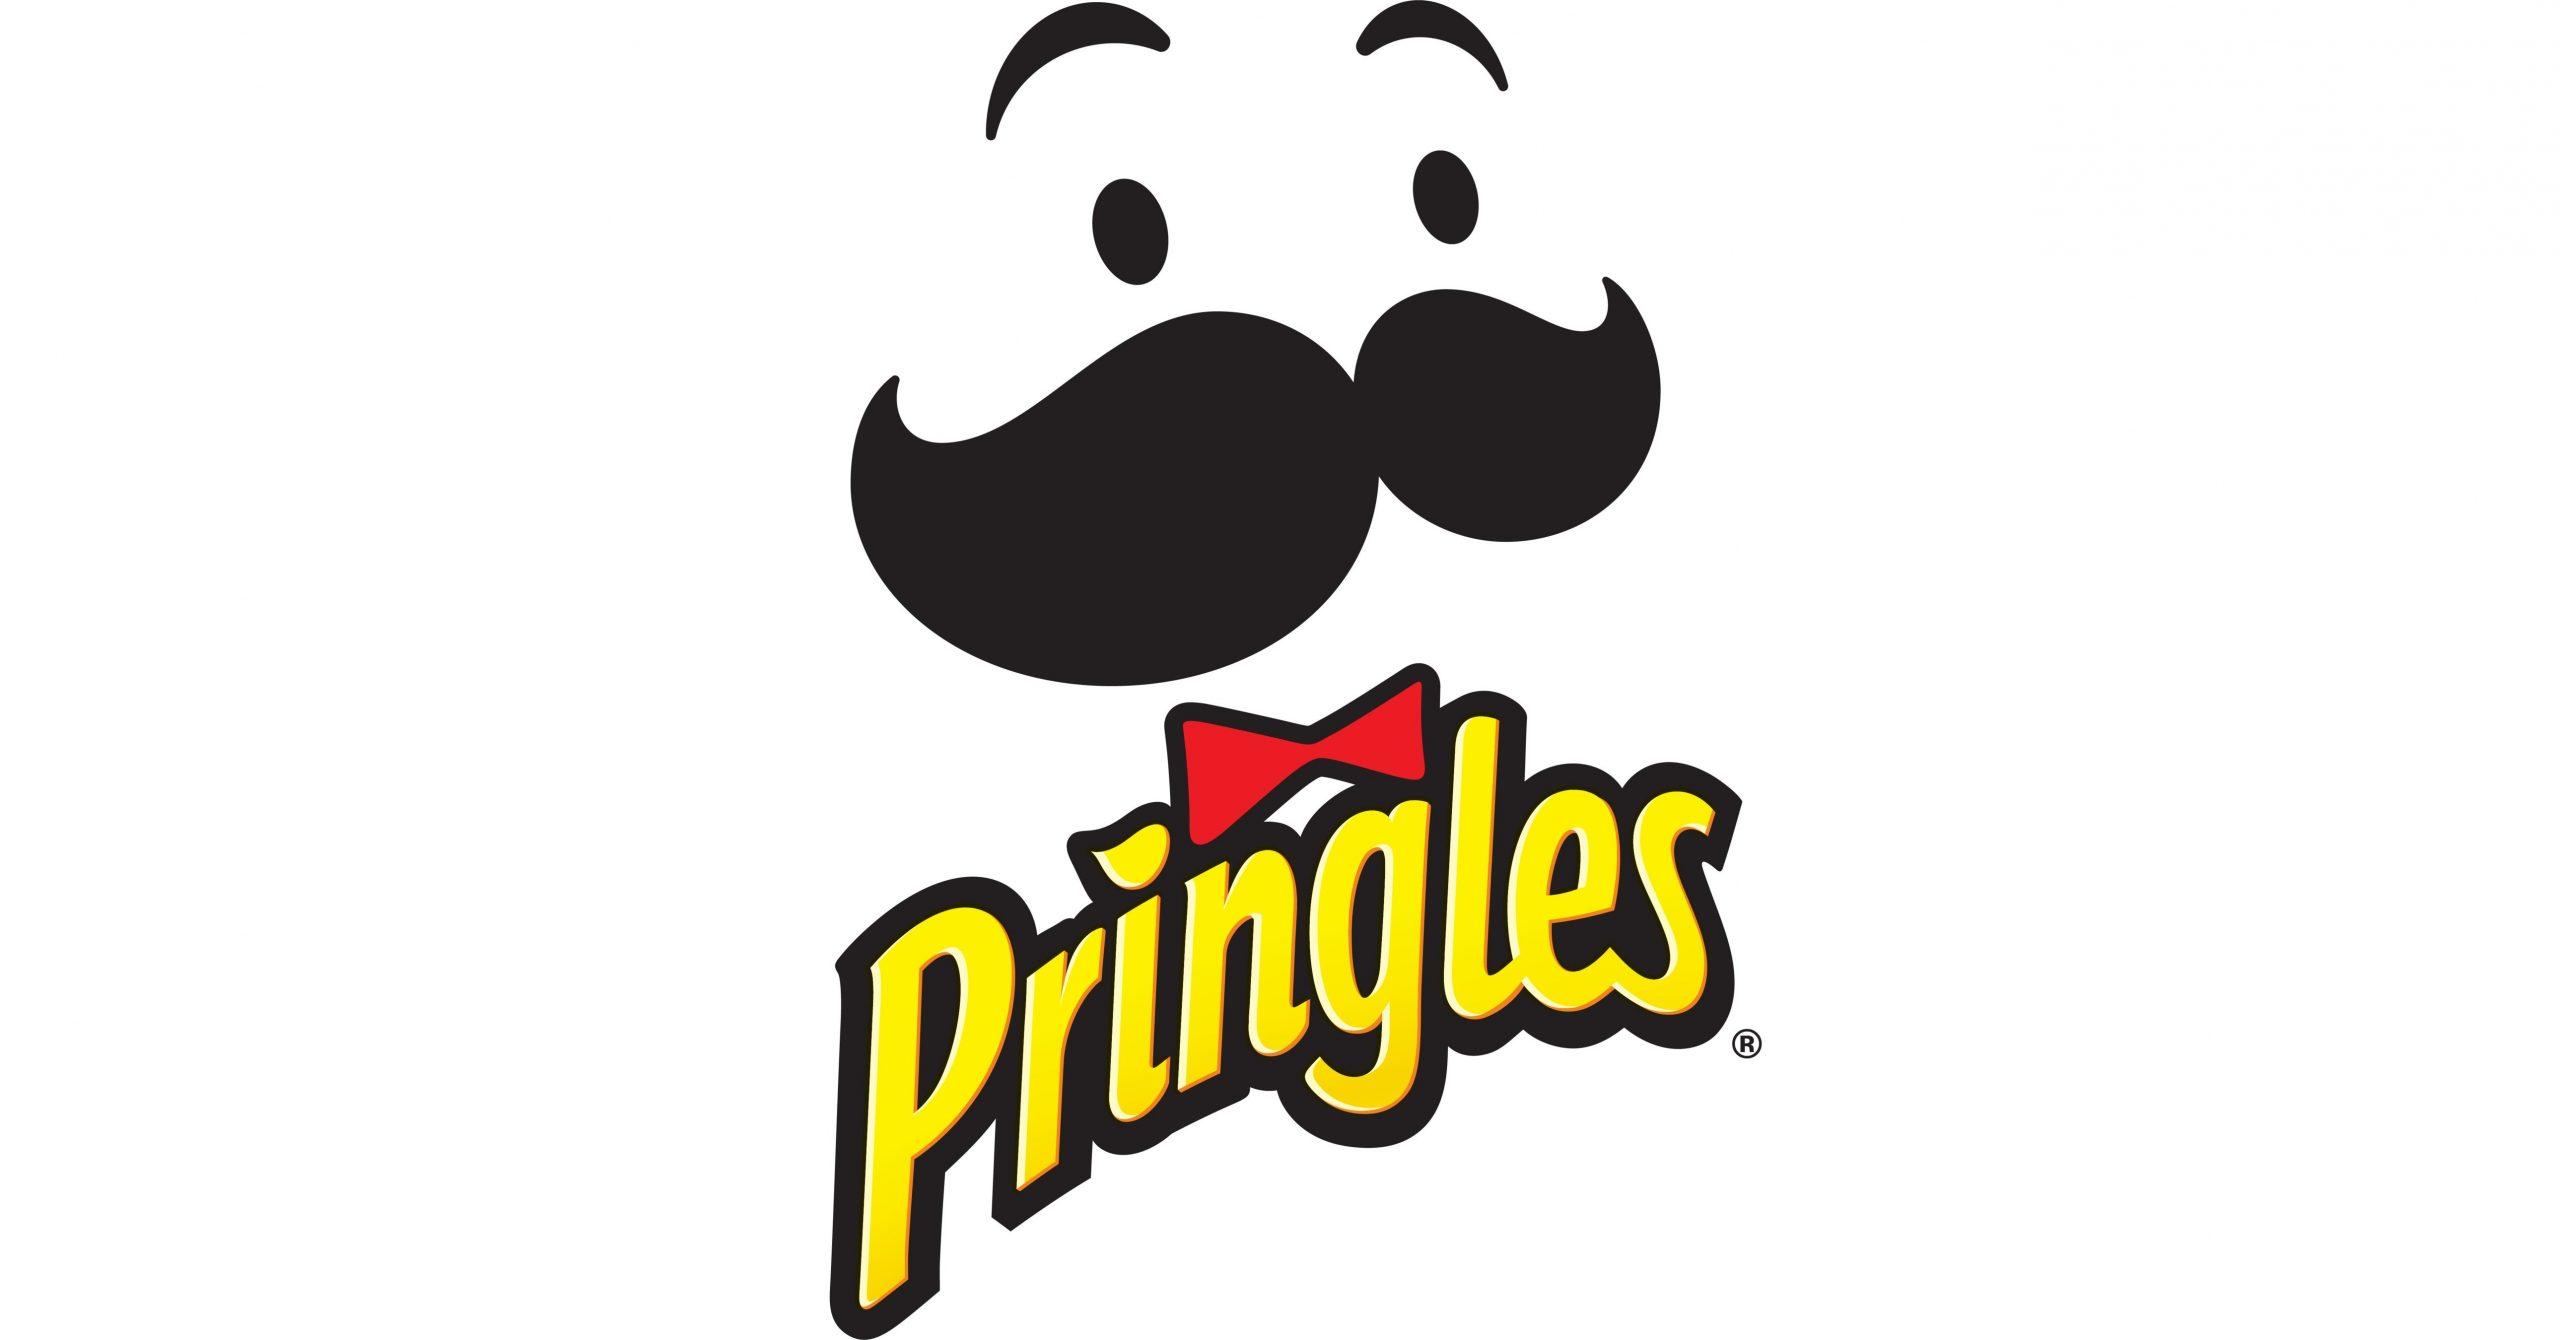 Pringles Logo scaled